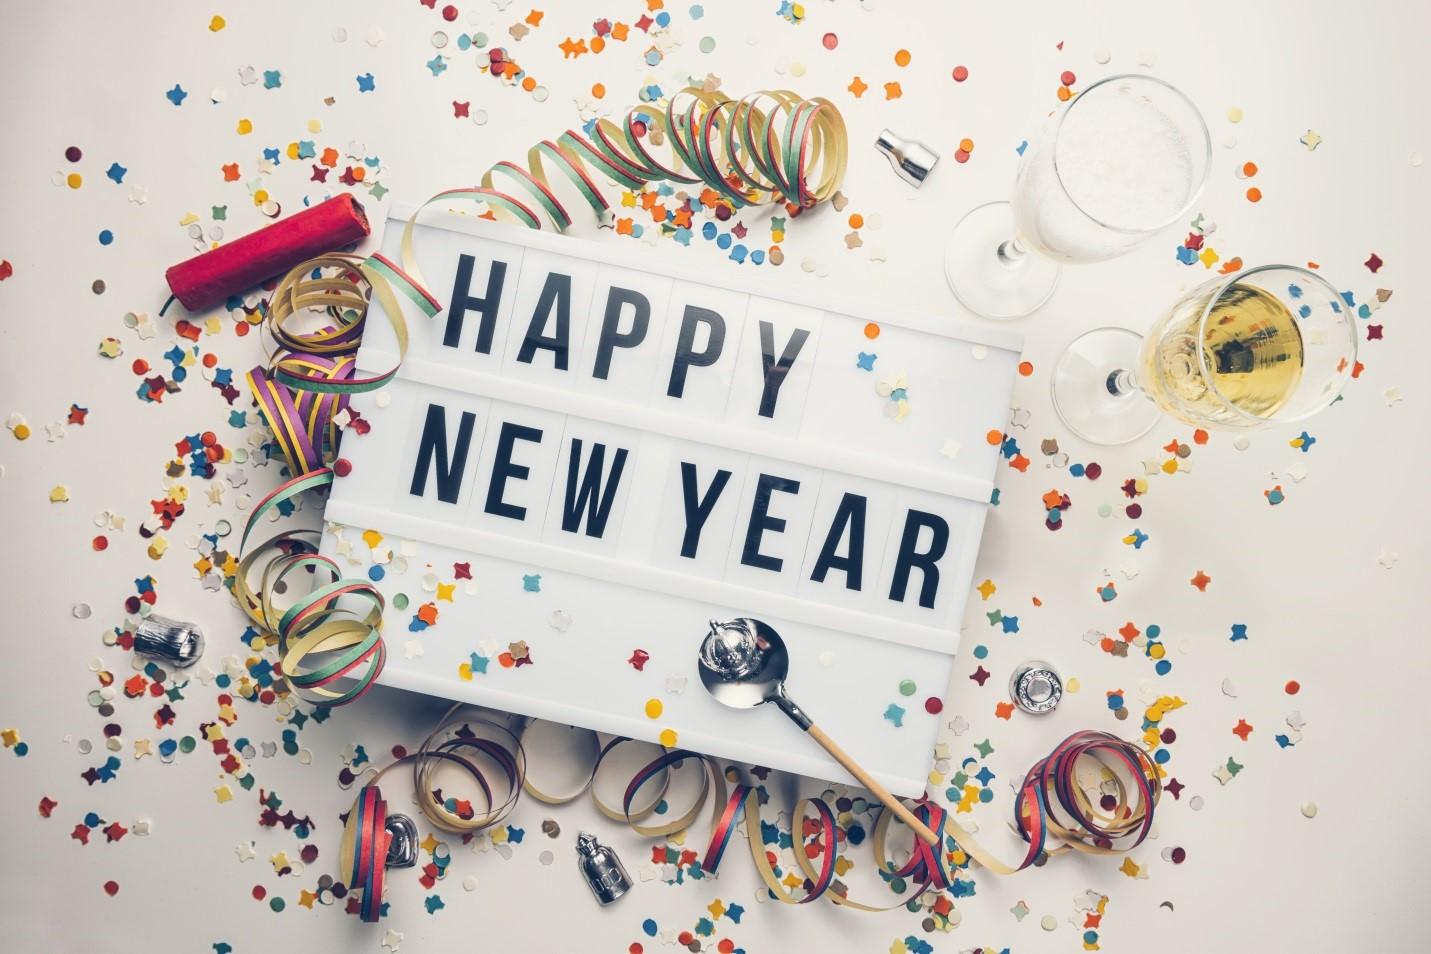 Tradisi yang Biasa Dilakukan Saat Perayaan Tahun Baru